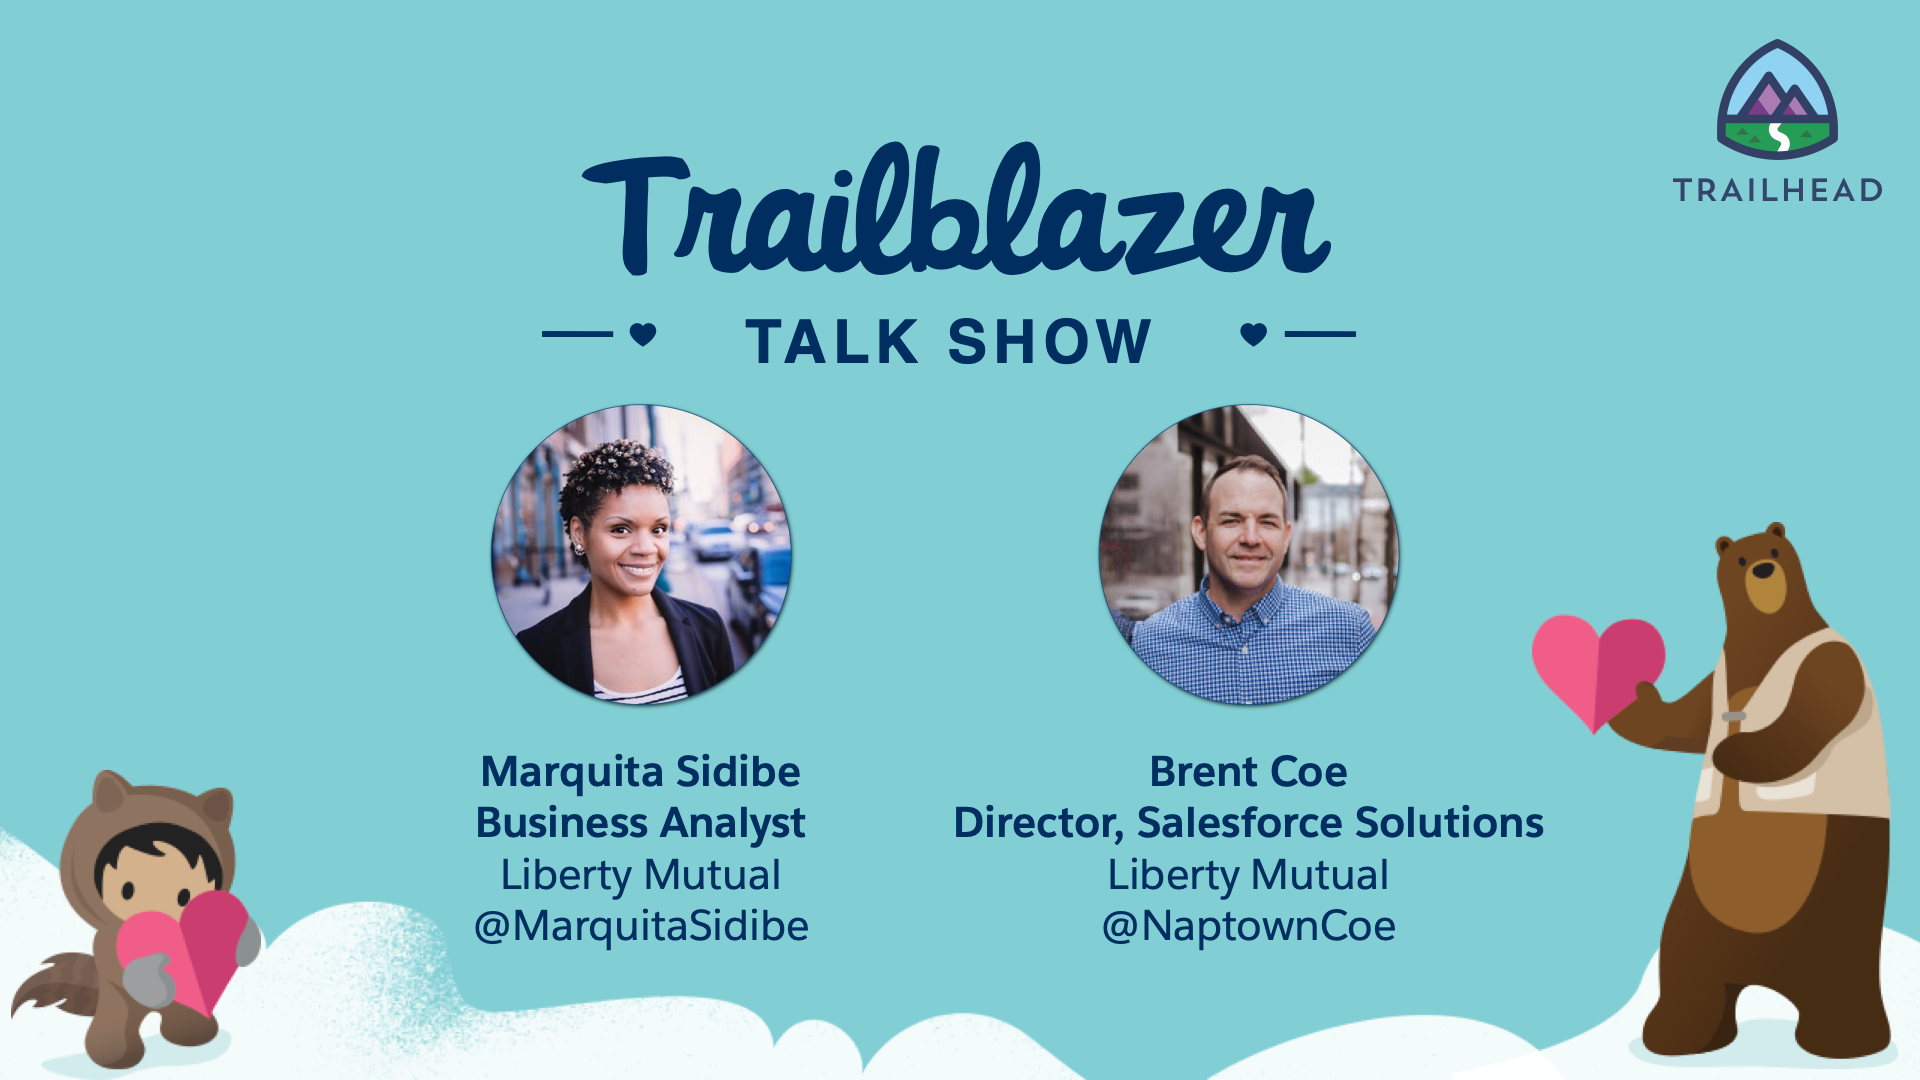 Trailblazer Talk Show